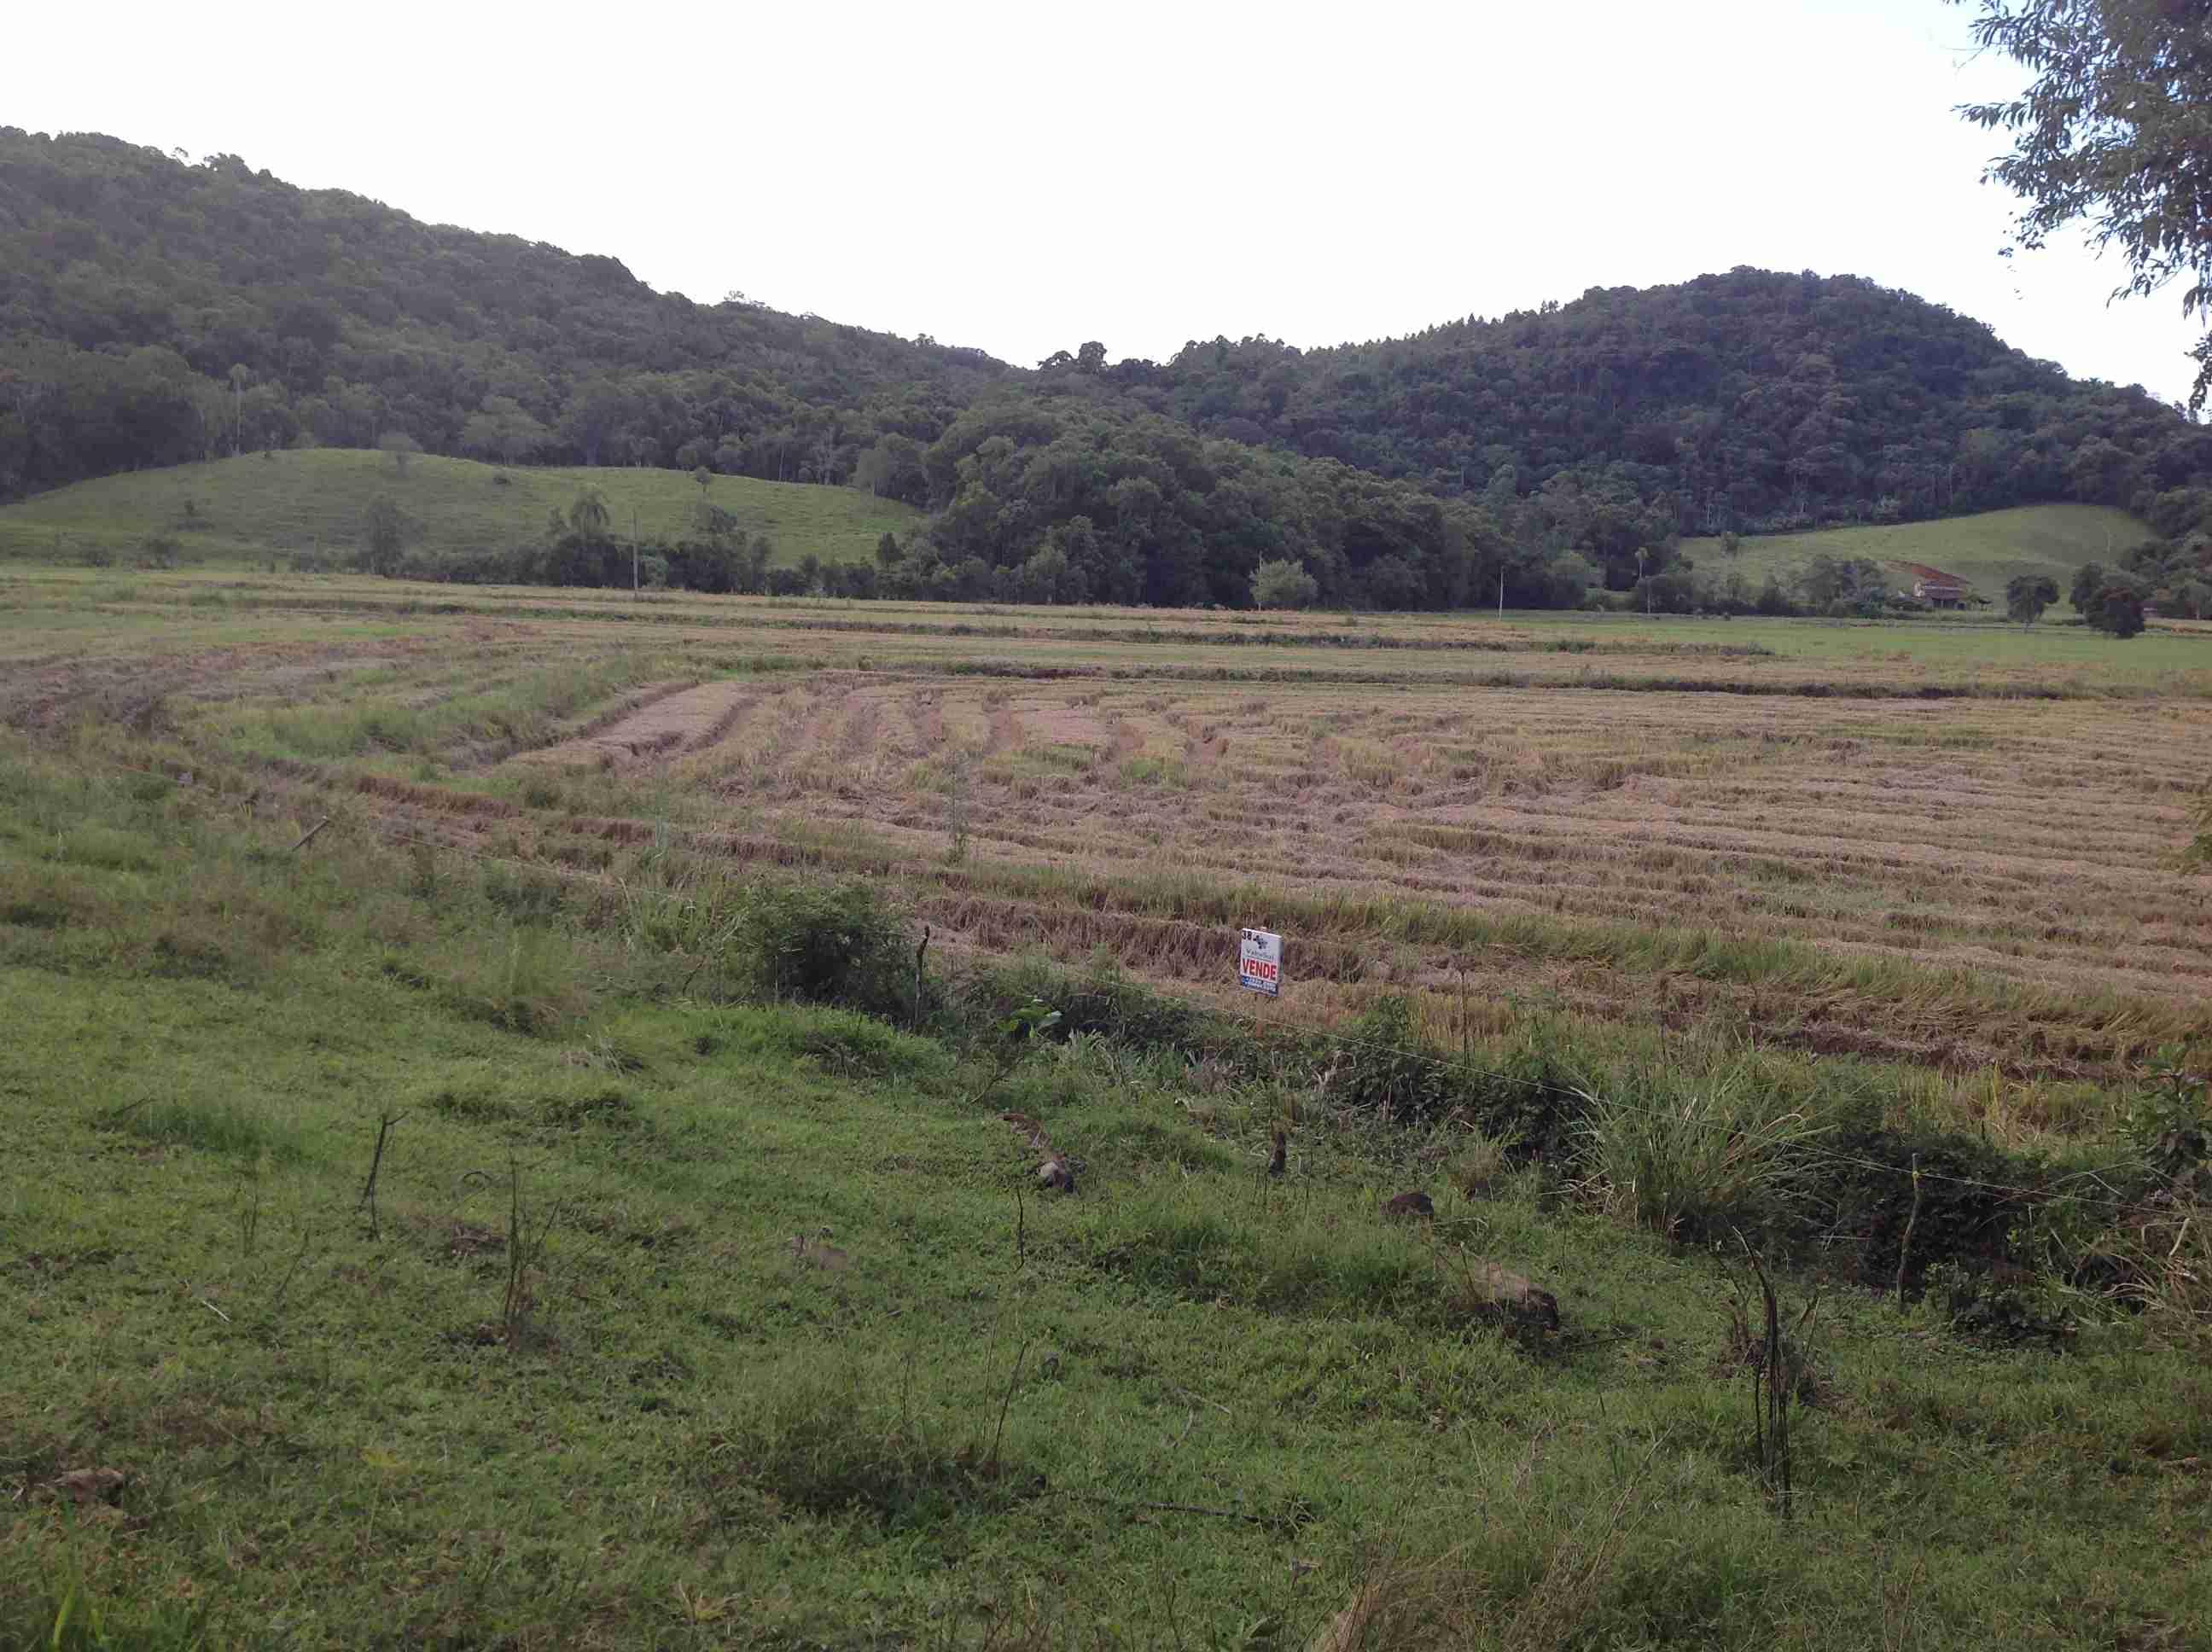 Terreno rural (038) 4,5 há,parte c/ pro várzea sendo explorado,ótima localização p/sítio c/ nascente de água,mata nativa,pastagem,passagem de água frente e fundo da pro várzea